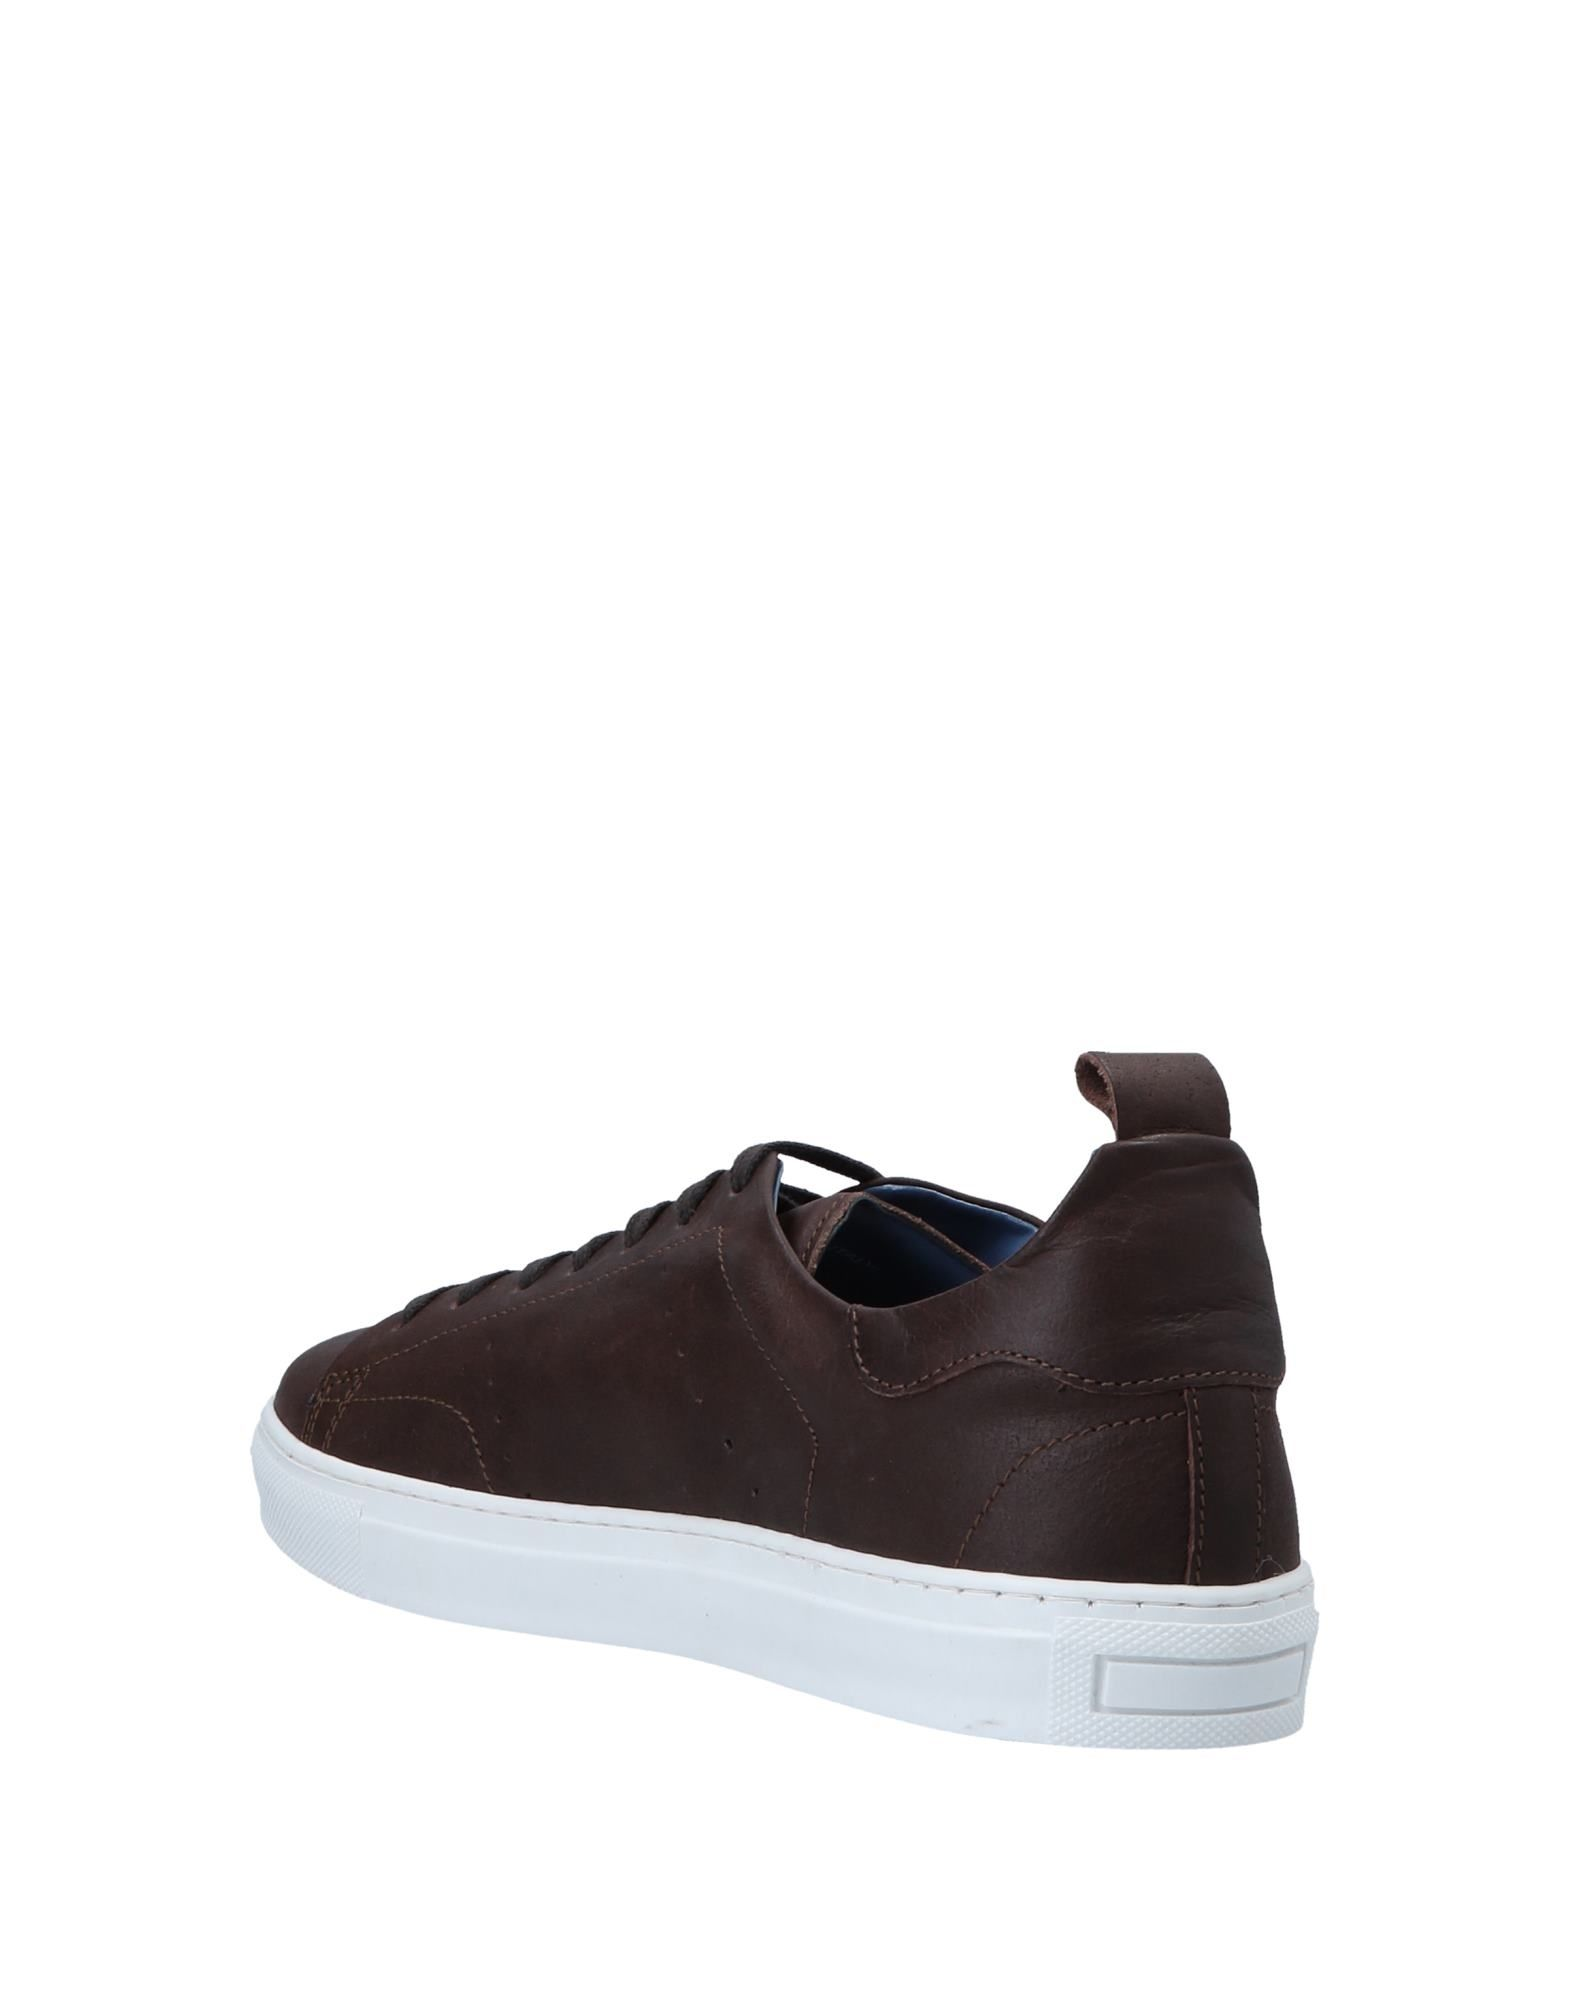 Rabatt Morato echte Schuhe Antony Morato Rabatt Sneakers Herren  11548951JE 74dbb2